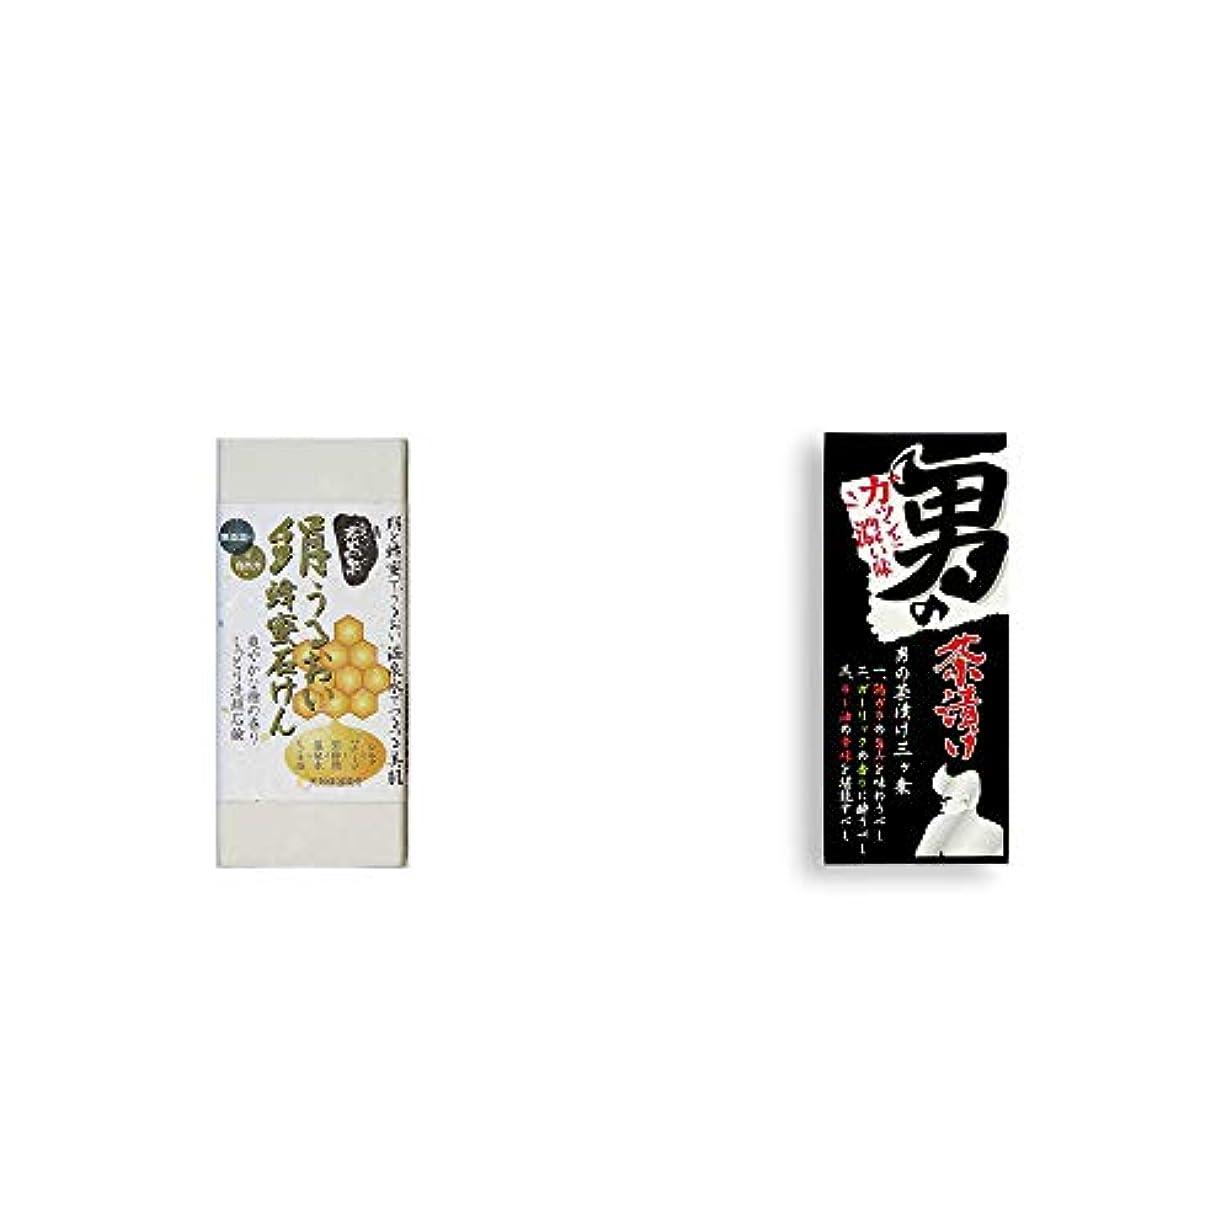 動員する欠席選挙[2点セット] ひのき炭黒泉 絹うるおい蜂蜜石けん(75g×2)?男の茶漬け(4.8g×8袋)